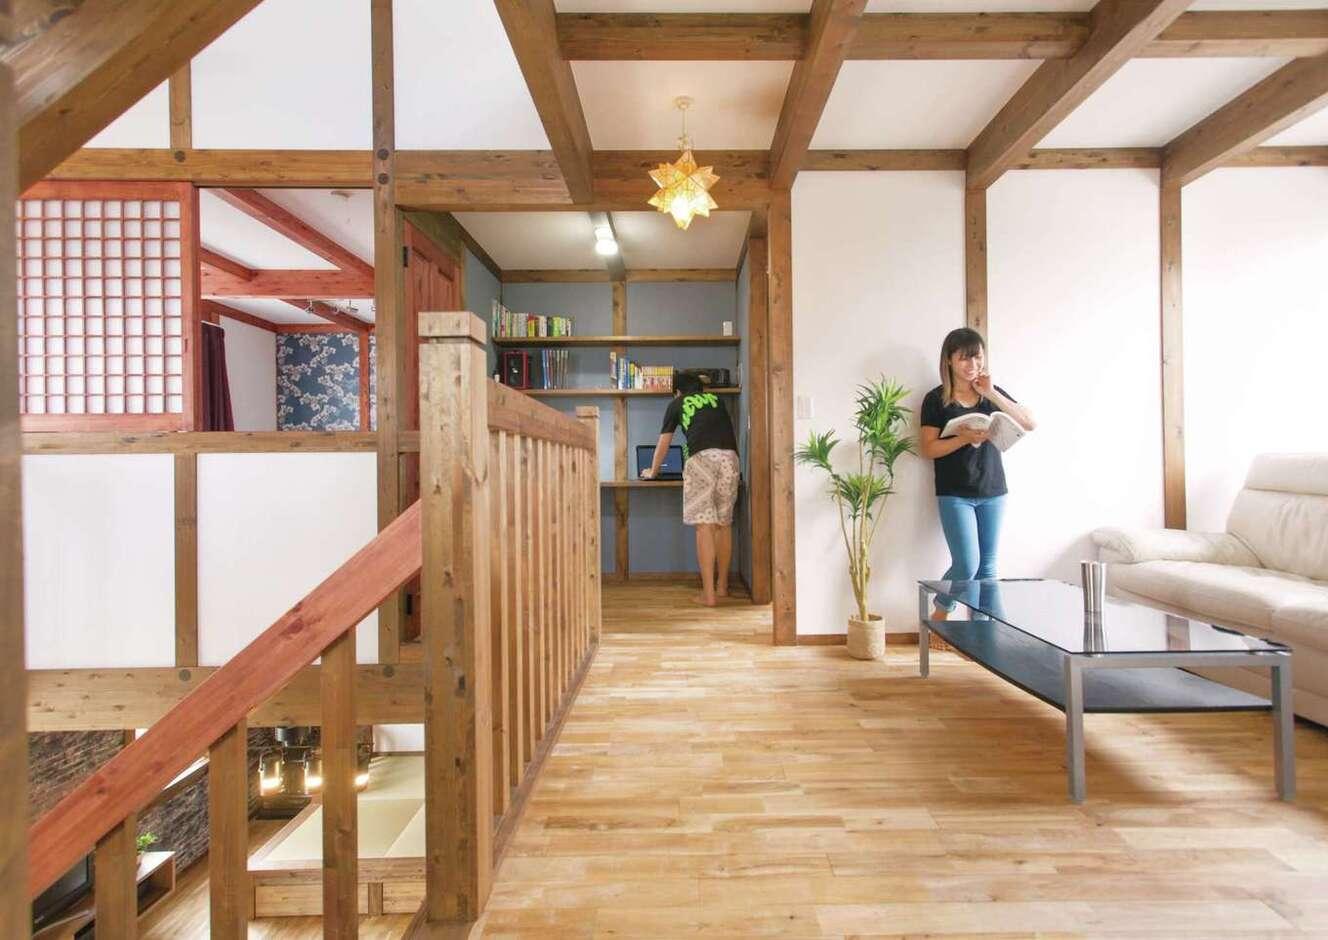 サイエンスホーム甲府店・笛吹店【デザイン住宅、自然素材、間取り】2階のフリースペースは、セカンドリビングとして多用途に使える